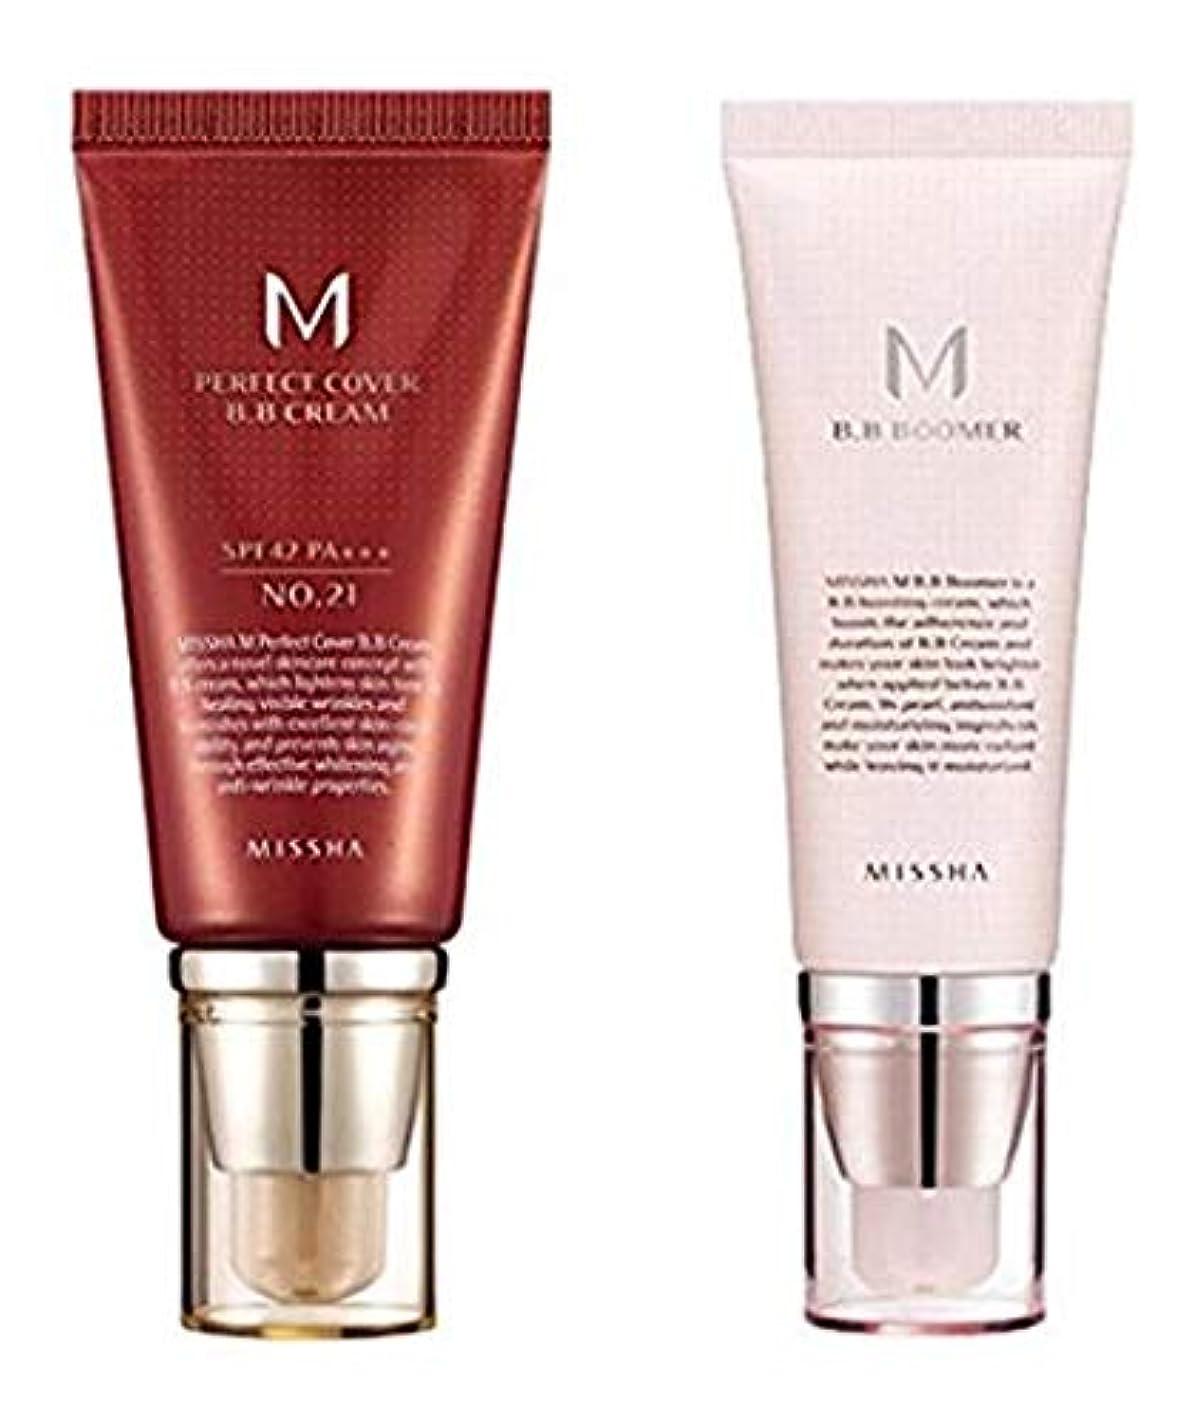 主要な時系列アトムMISSHA M Perfect Cover BB cream #21 + M BB Boomer / ミシャ M パーフェクトカバー BBクリーム 50ml + M BBブーマー40ml [並行輸入品]